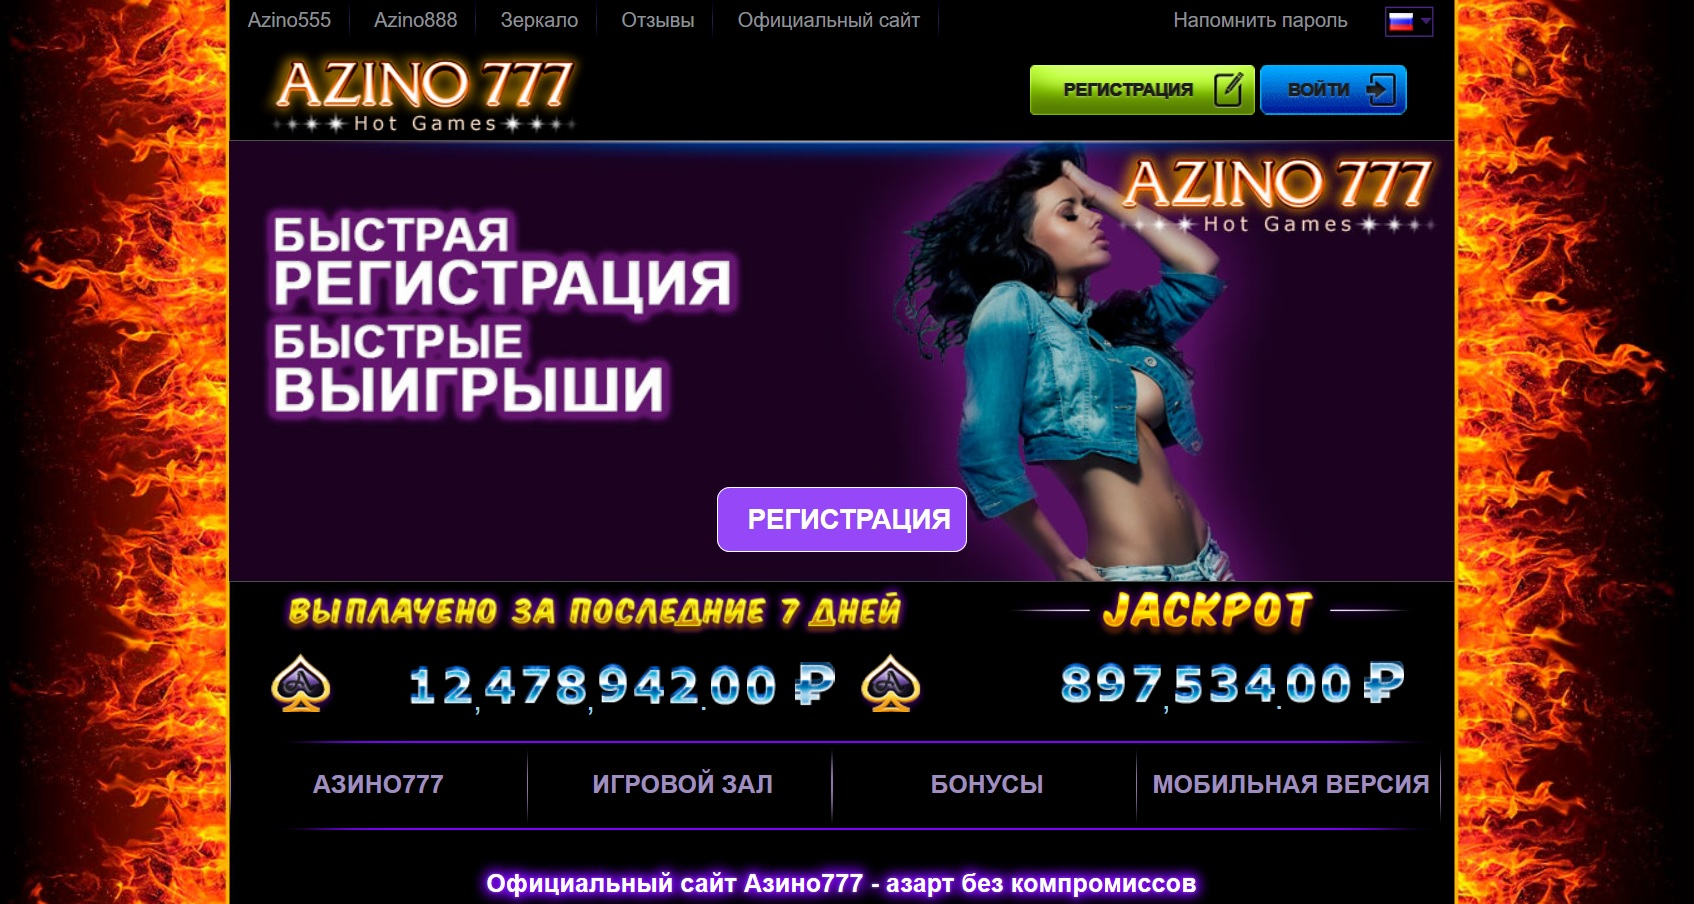 азино777 программа